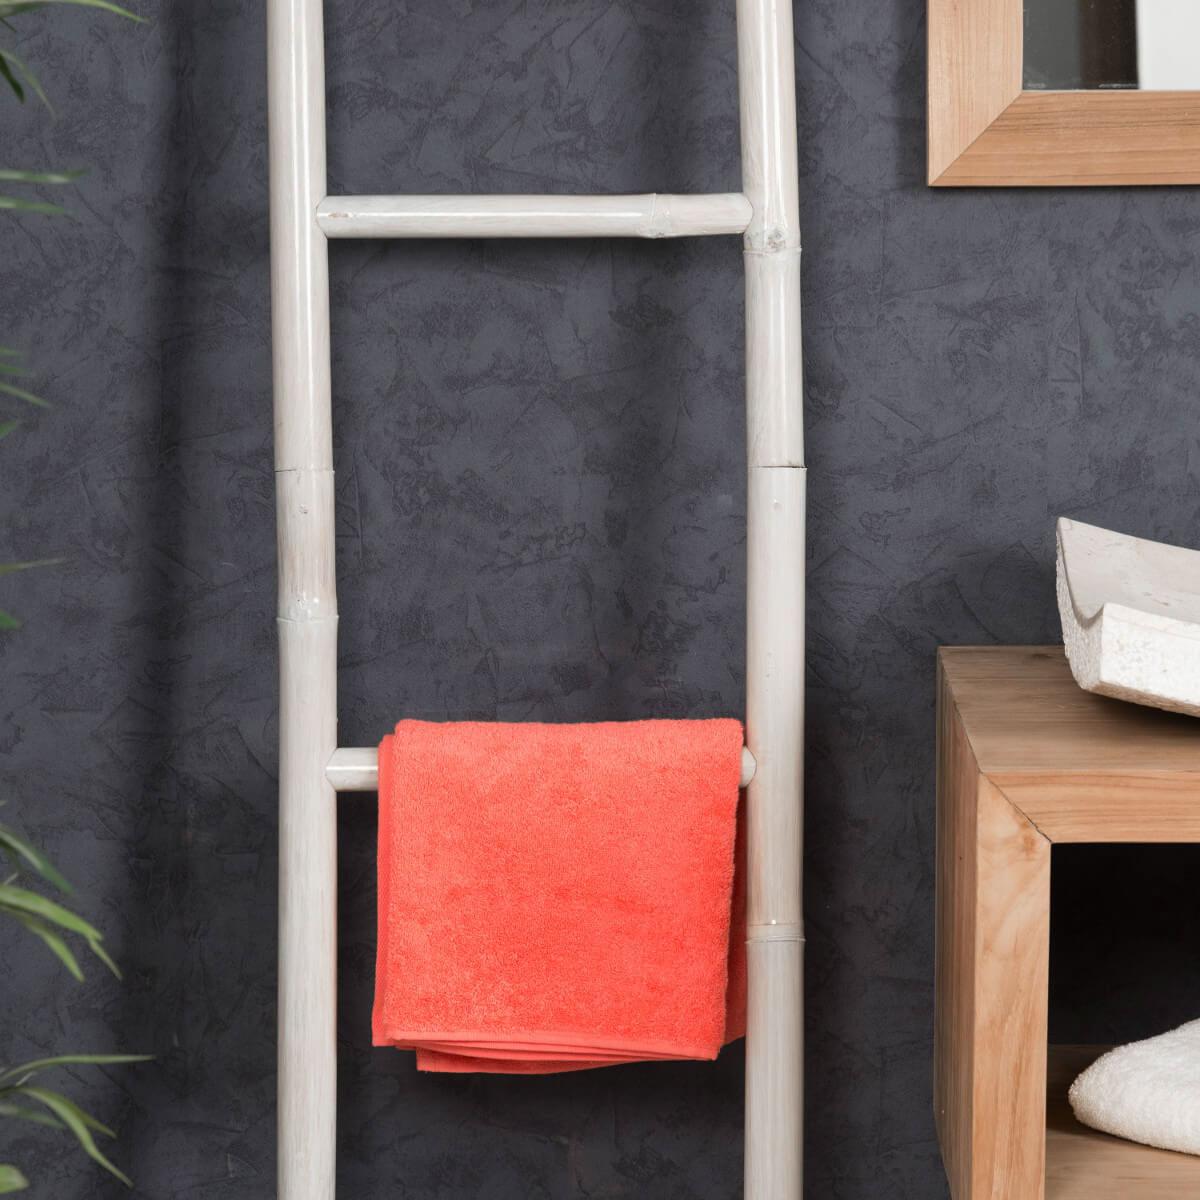 Echelle salle de bain meuble de salle de bain en teck - Porte serviette salle de bain conforama ...